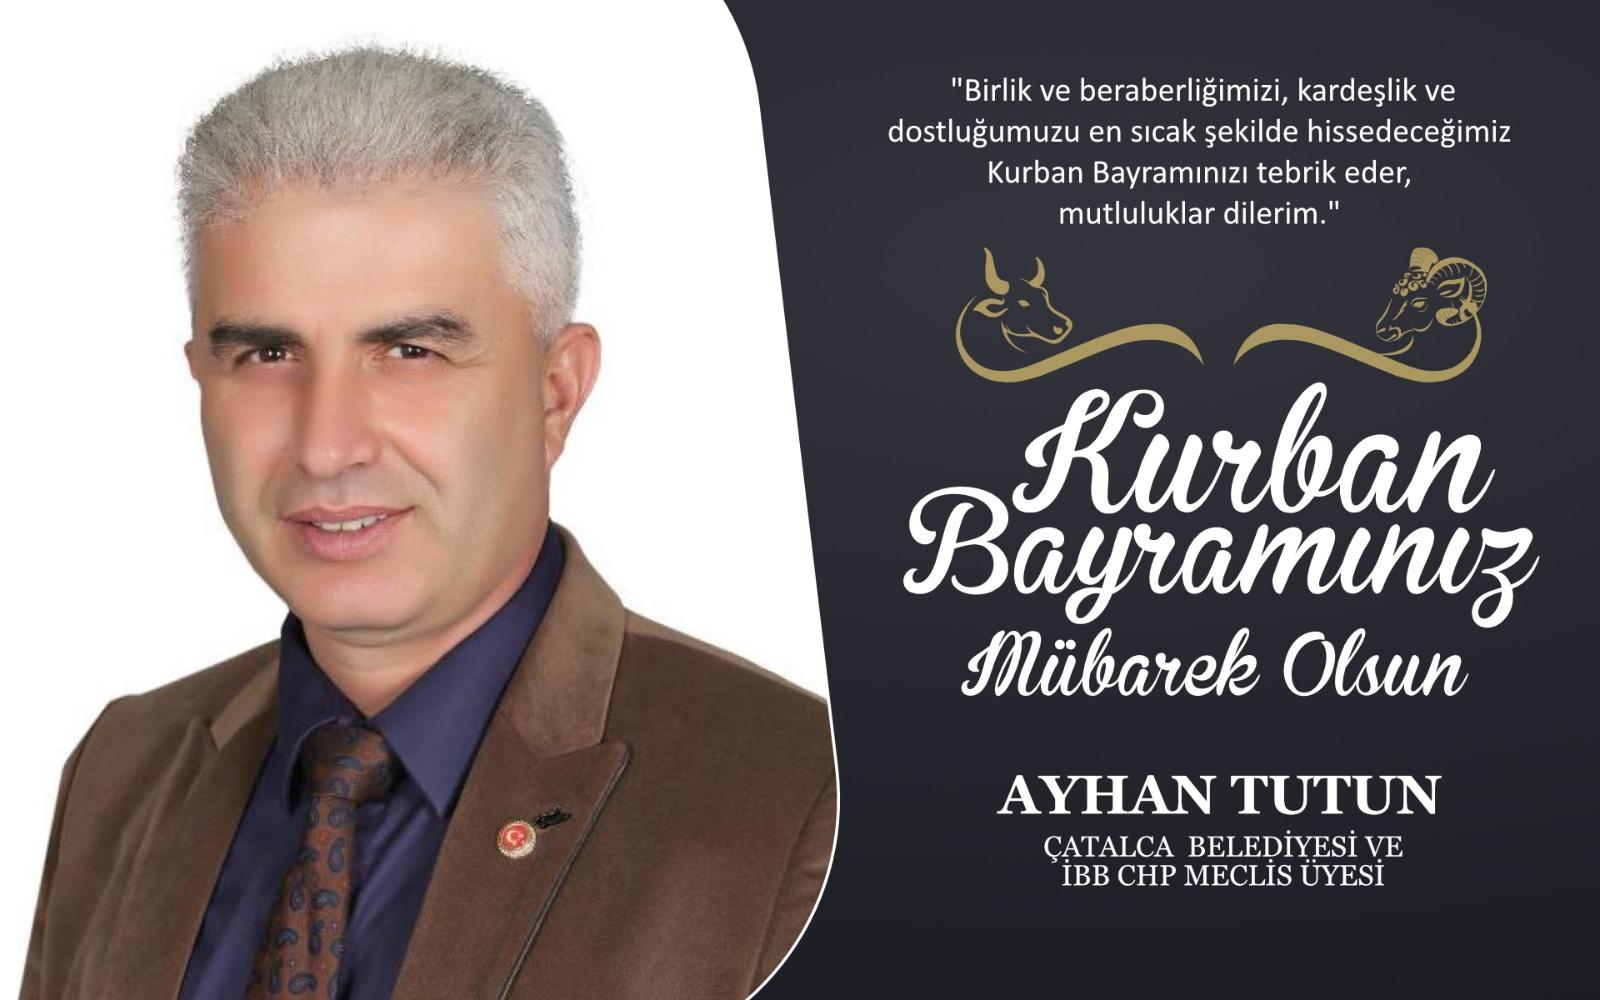 Ayhan Tutun'dan Kurban Bayramı Kutlama Mesajı